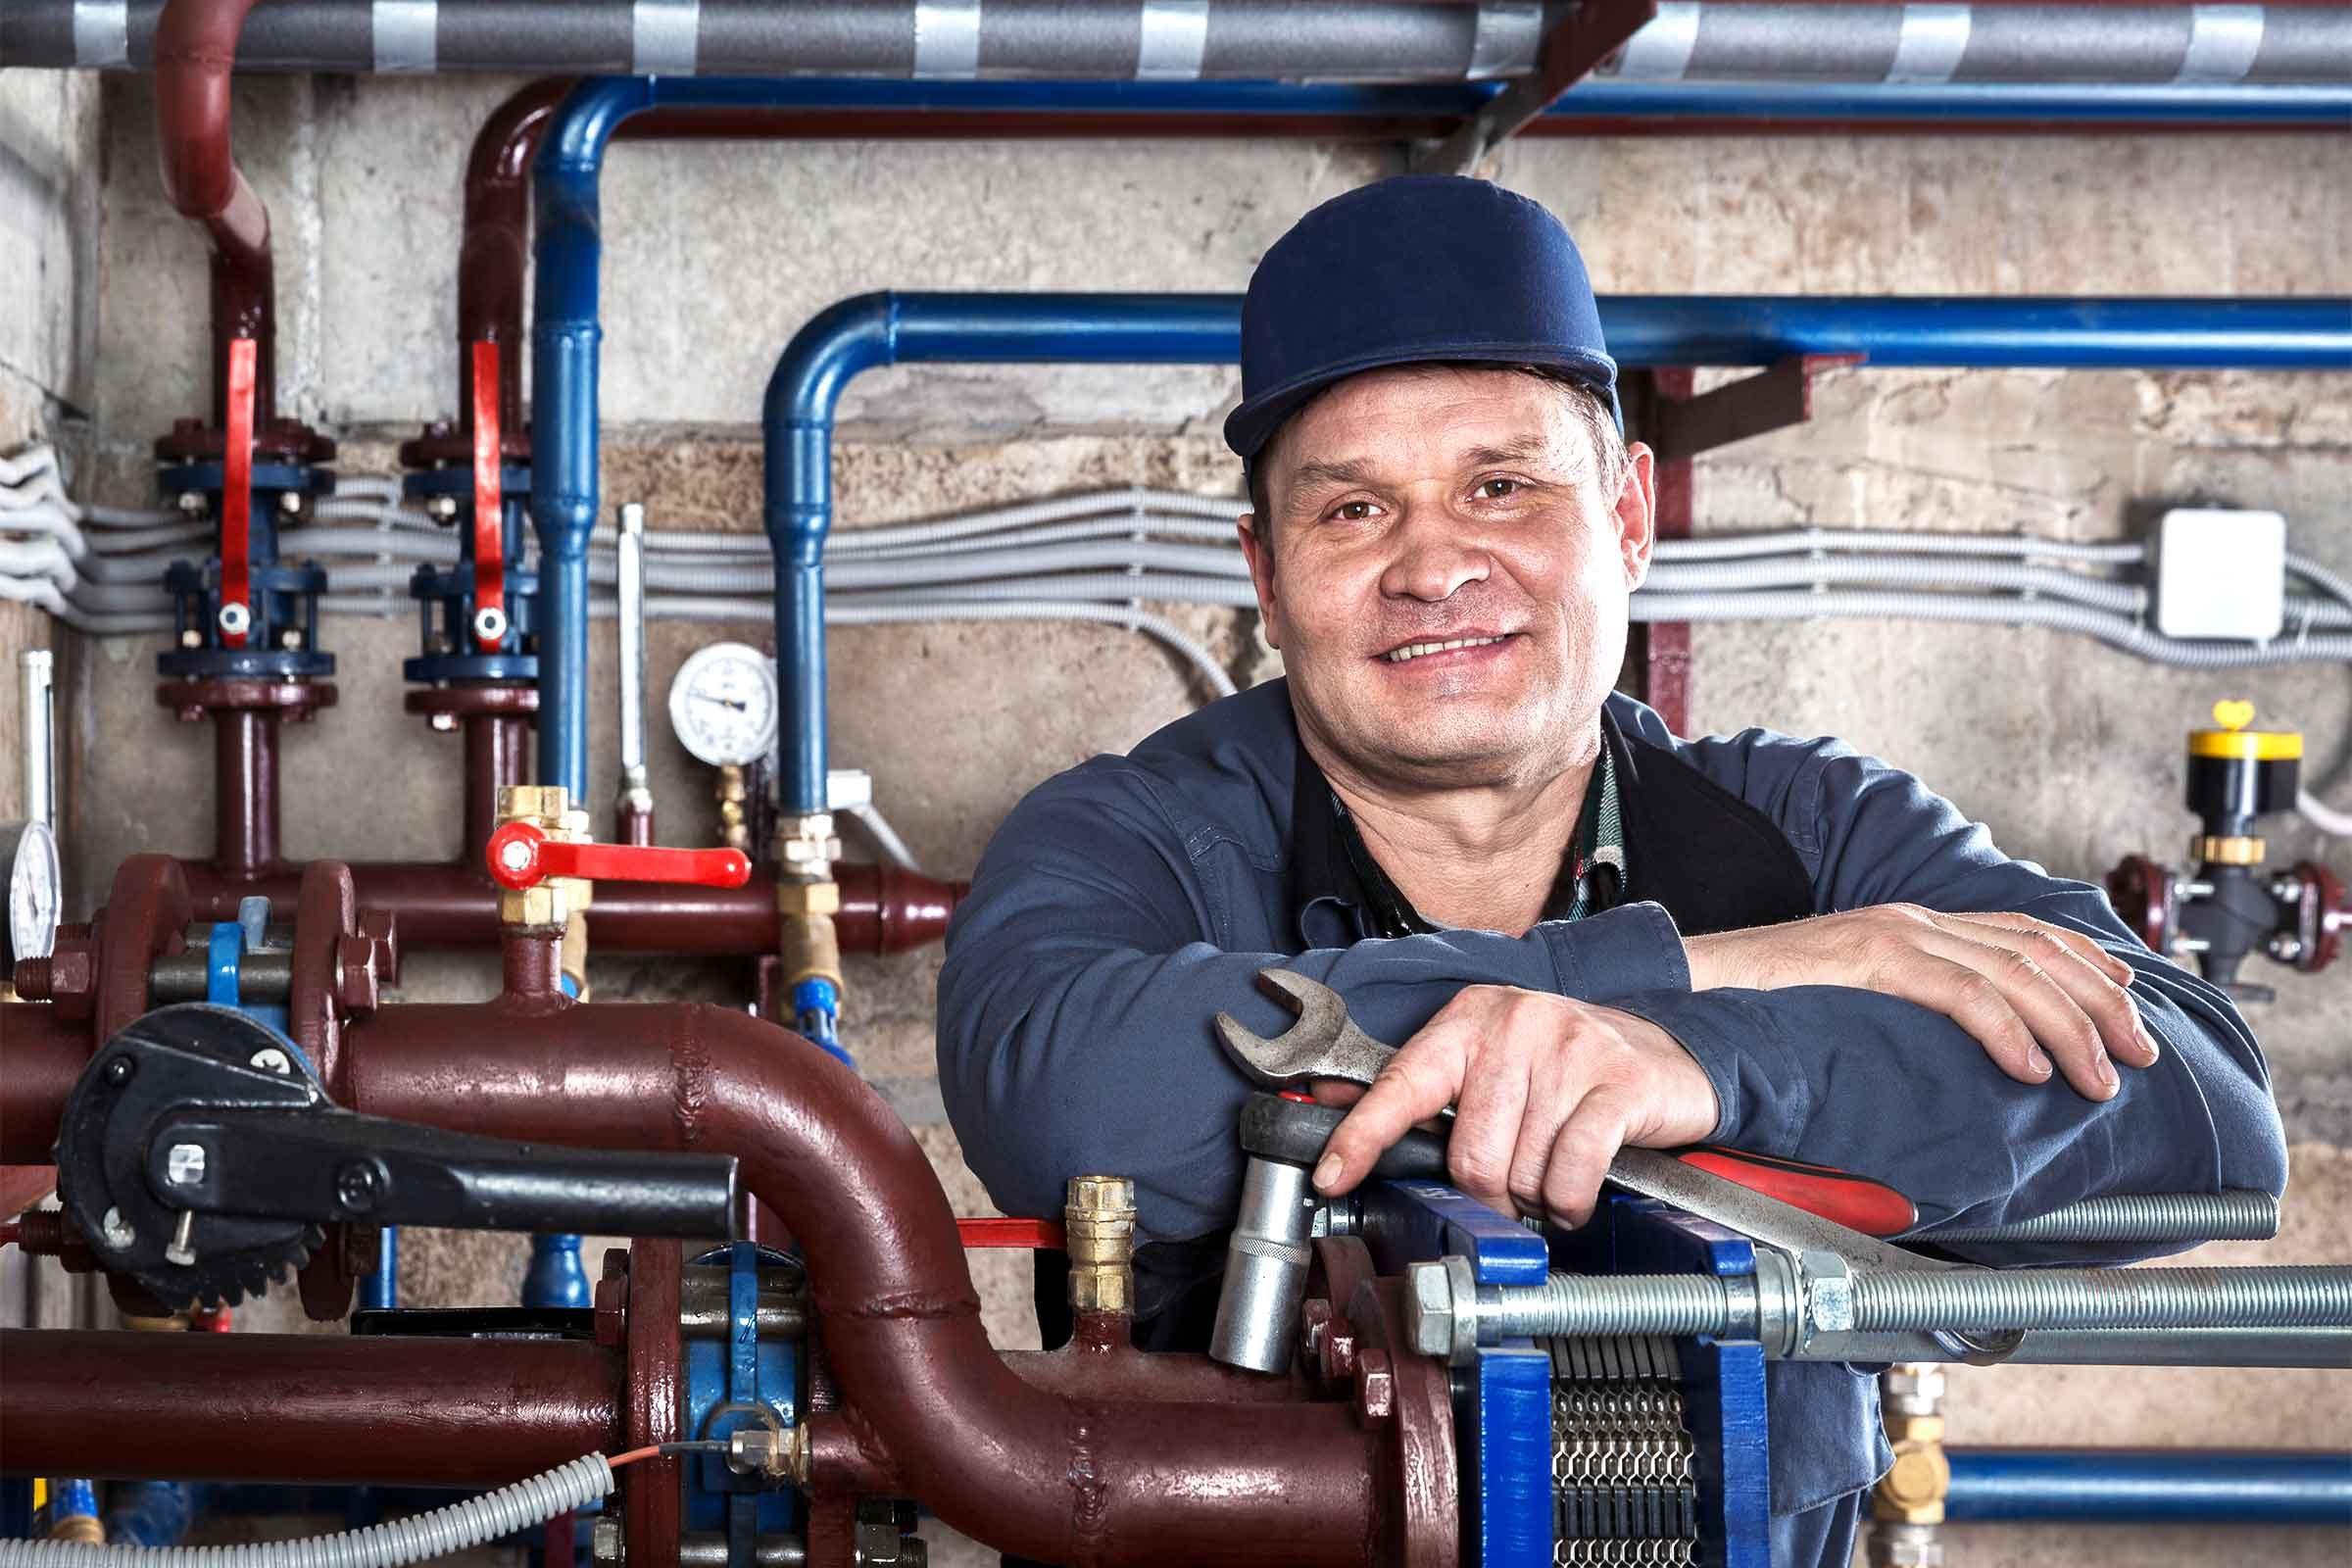 16-13-things-plumber